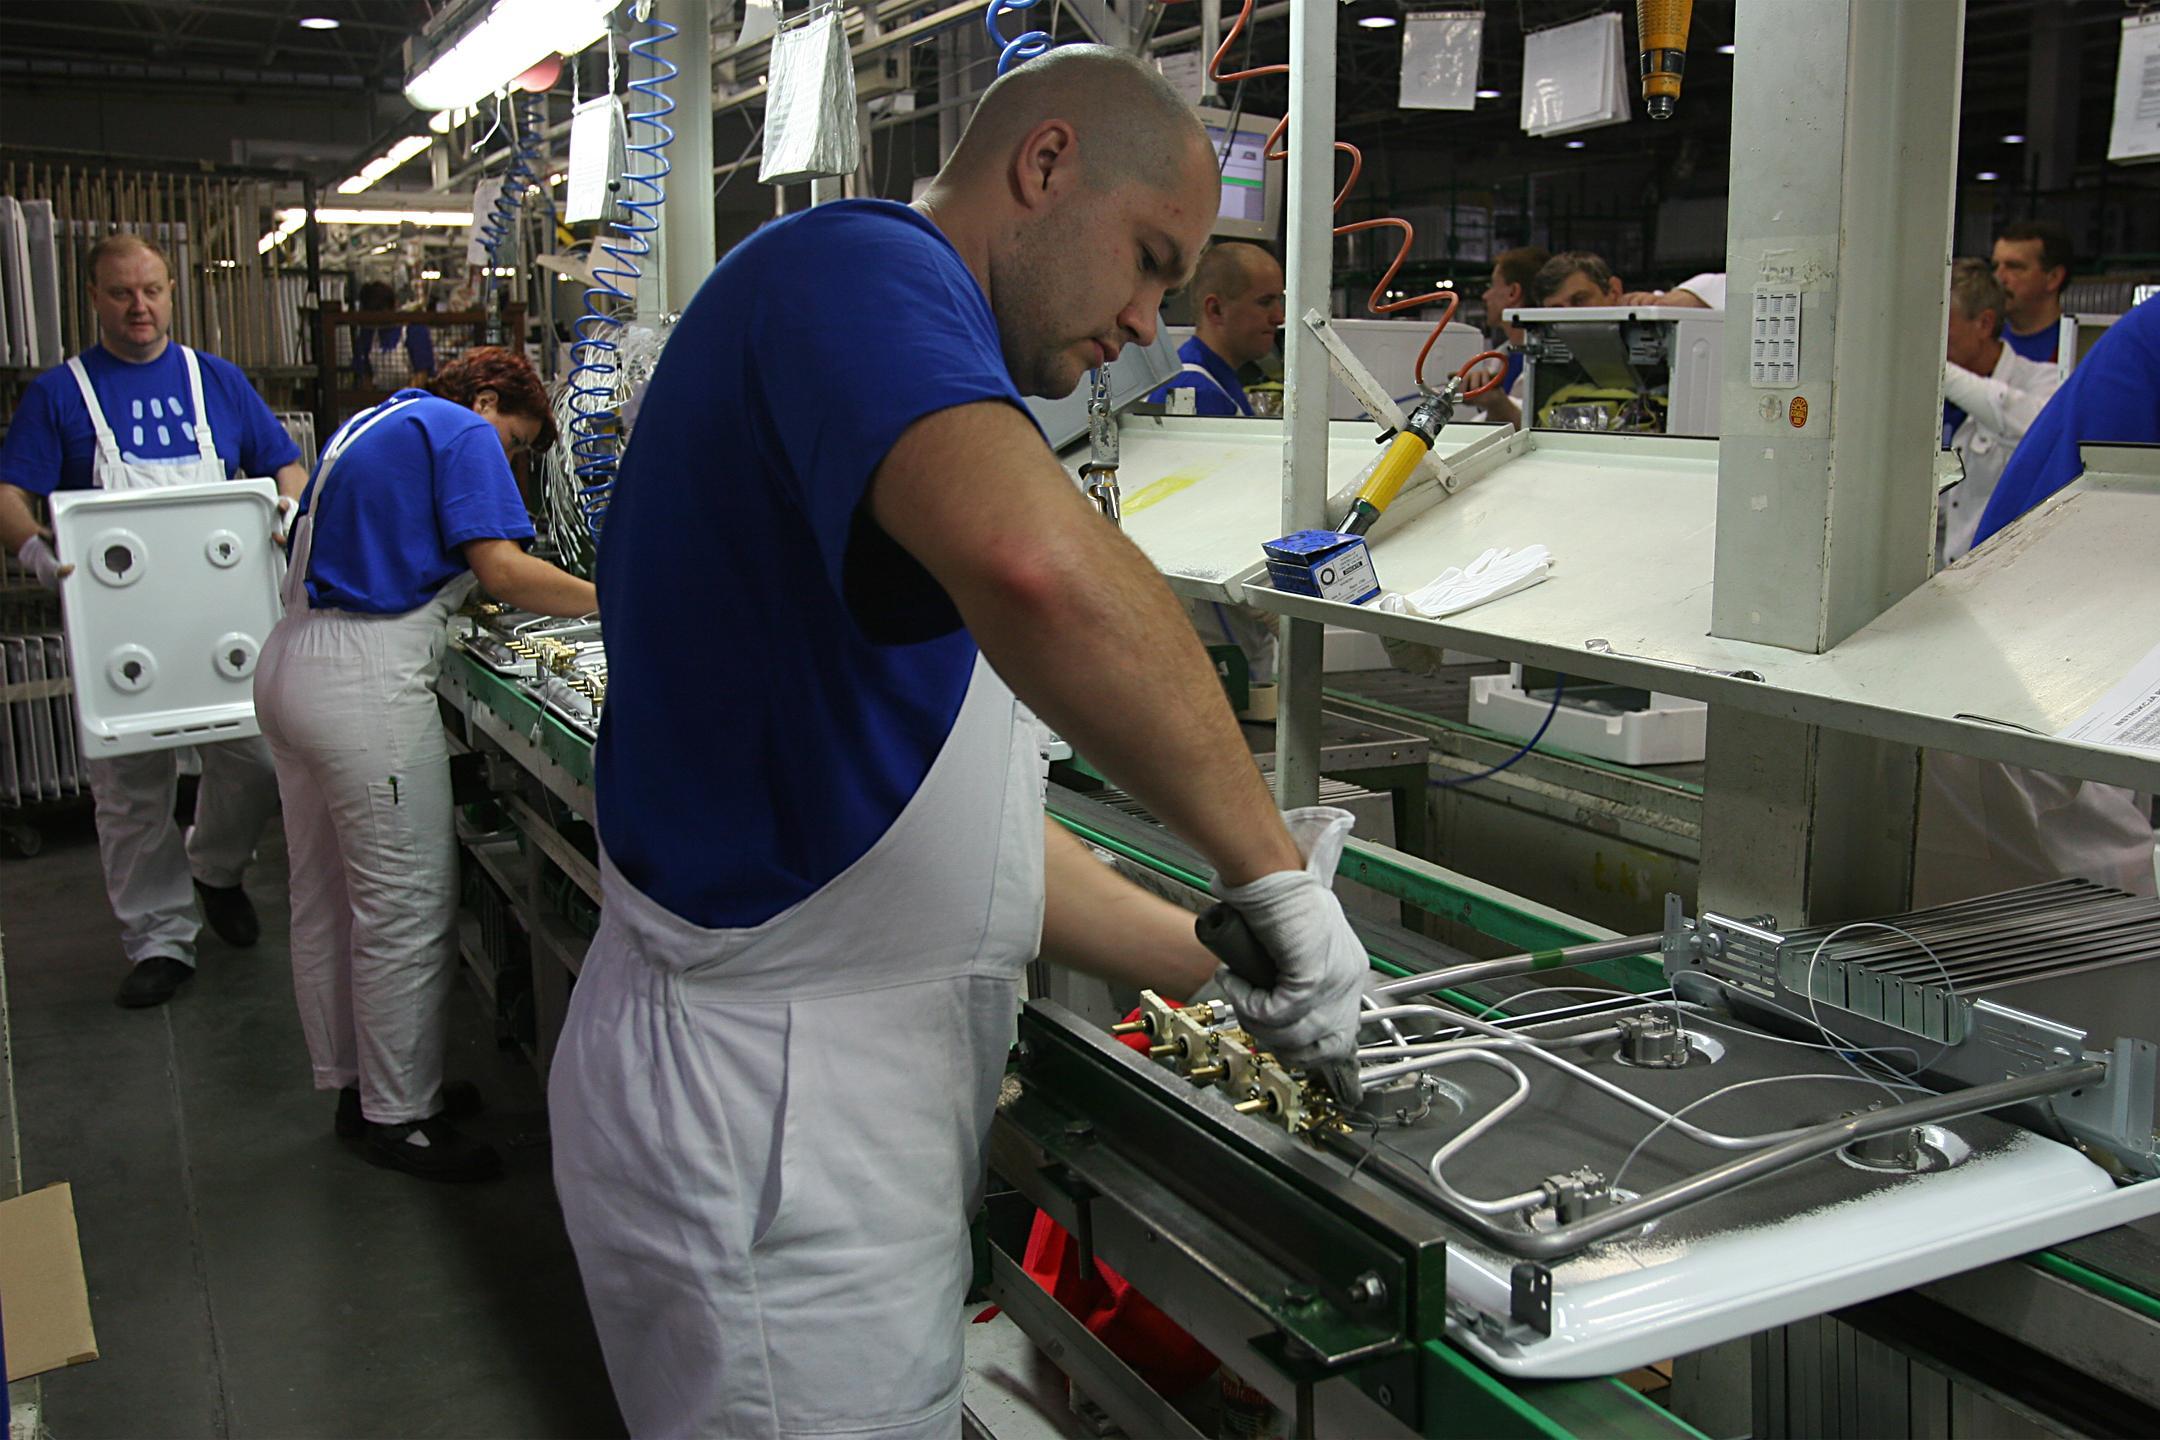 L'impatto della crisi su lavoro e salari